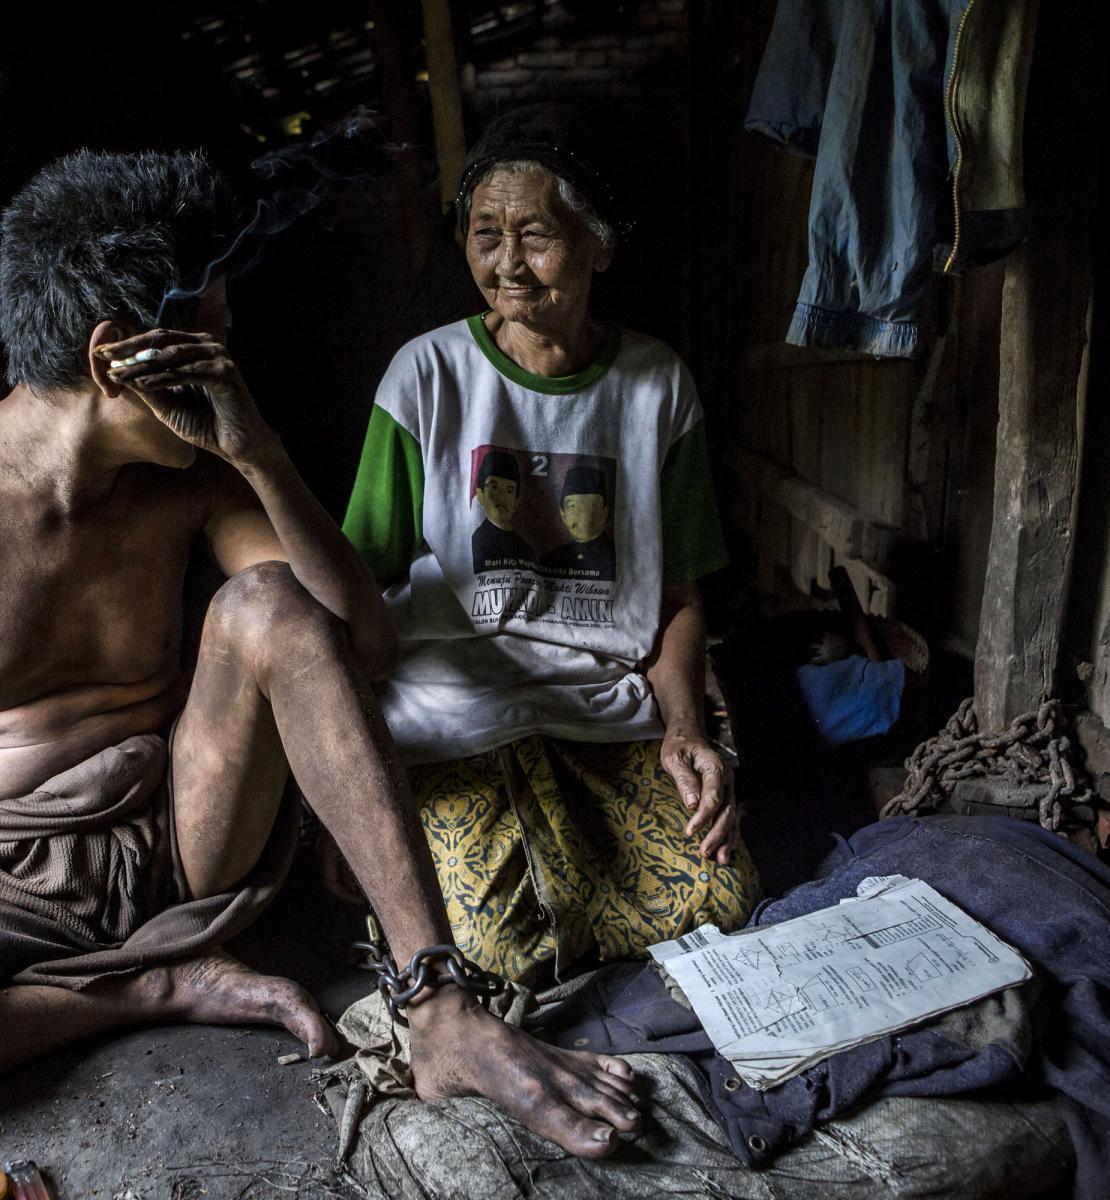 امرأة ورجل ينظران إلى بعضهما البعض أثناء جلوسهما على الأرض. الرجل مقيّد حول ساقيه ويدخّن سيجارة.